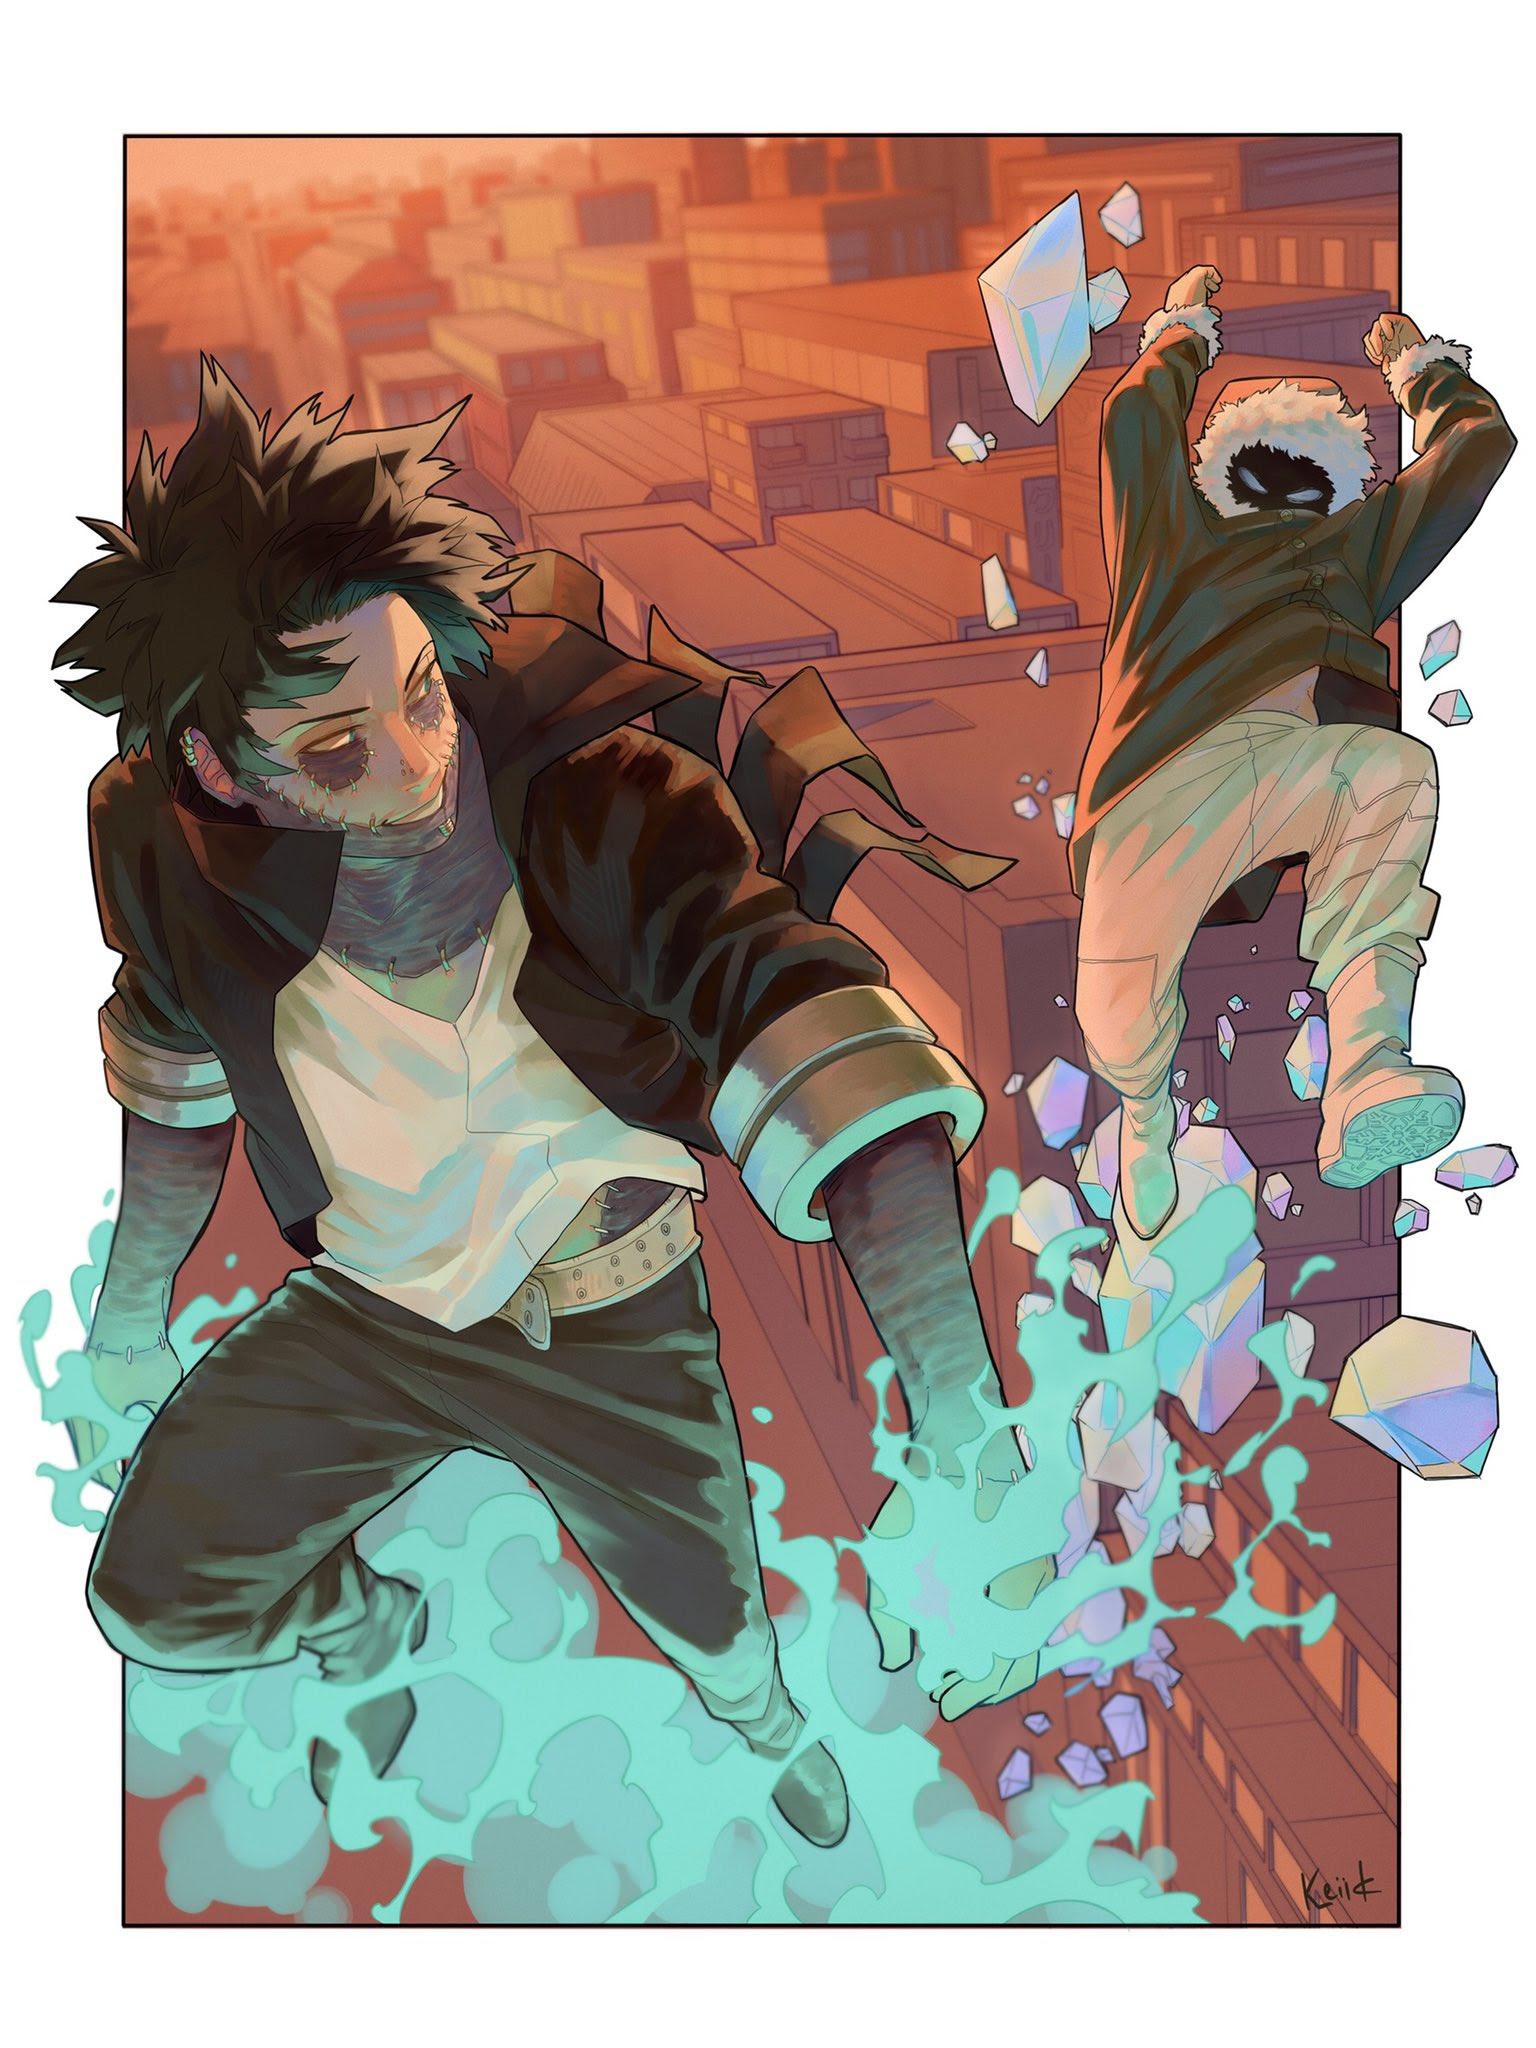 Geten And Dabi Boku No Hero Academia Wallpaper 43267787 Fanpop